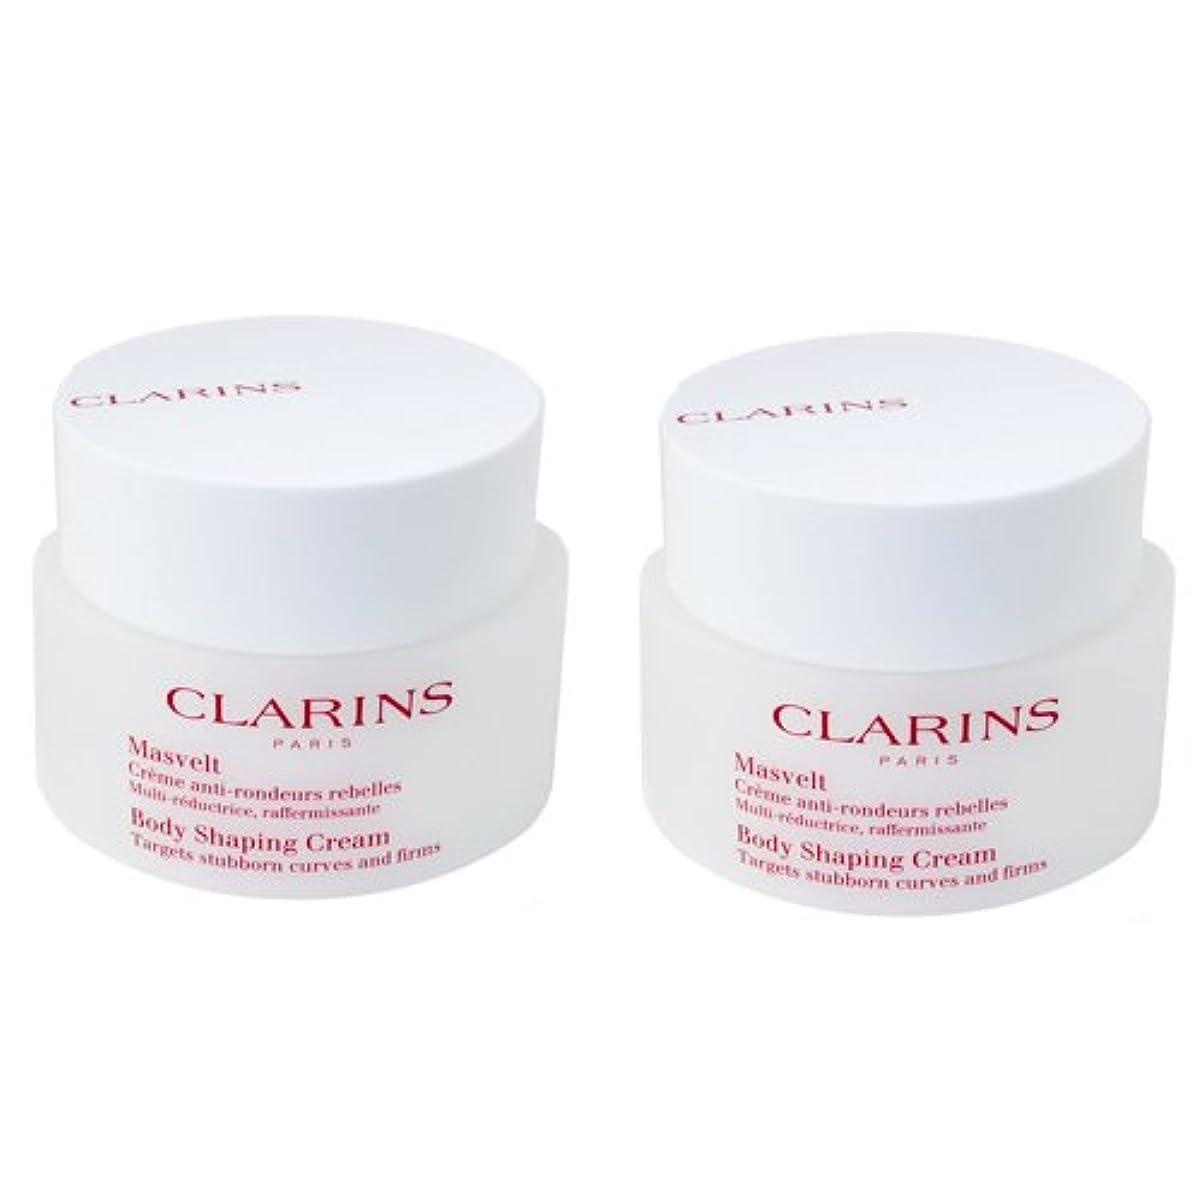 クラランス CLARINS クレーム マスヴェルト 200mL 【2個セット】 【並行輸入品】